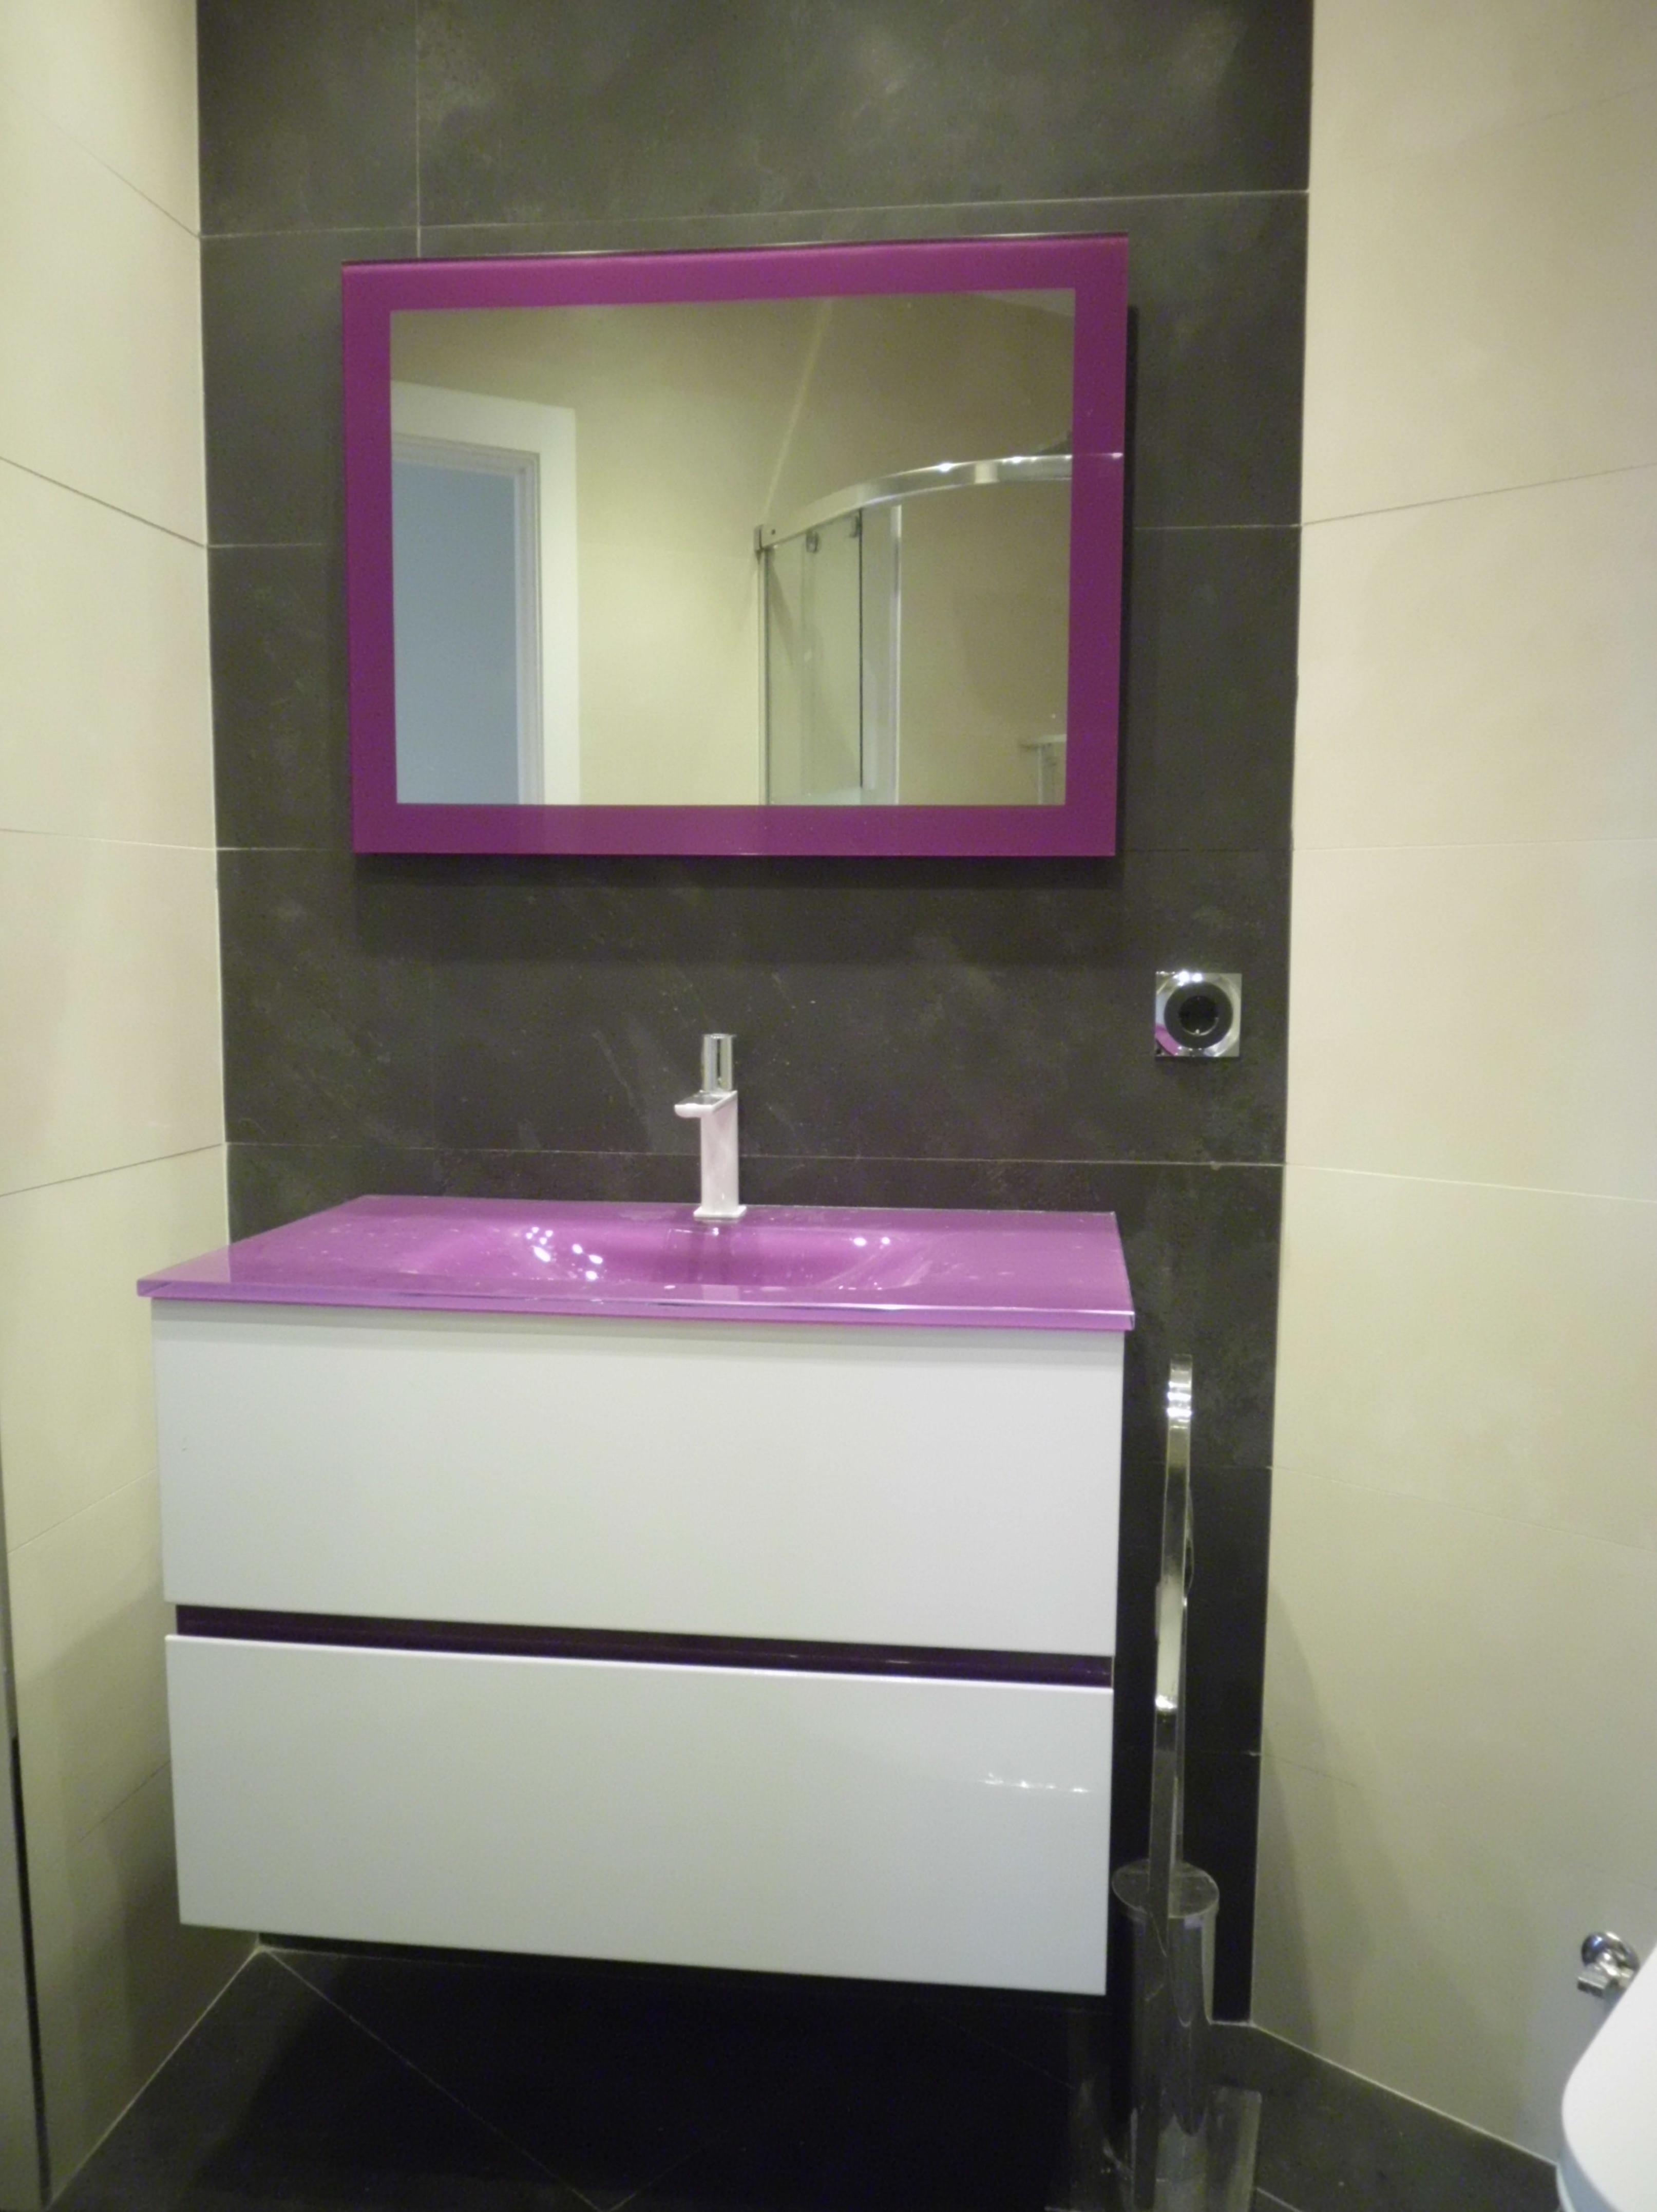 Reforma integral de de alta calidad de un piso \u002D muebles de baño